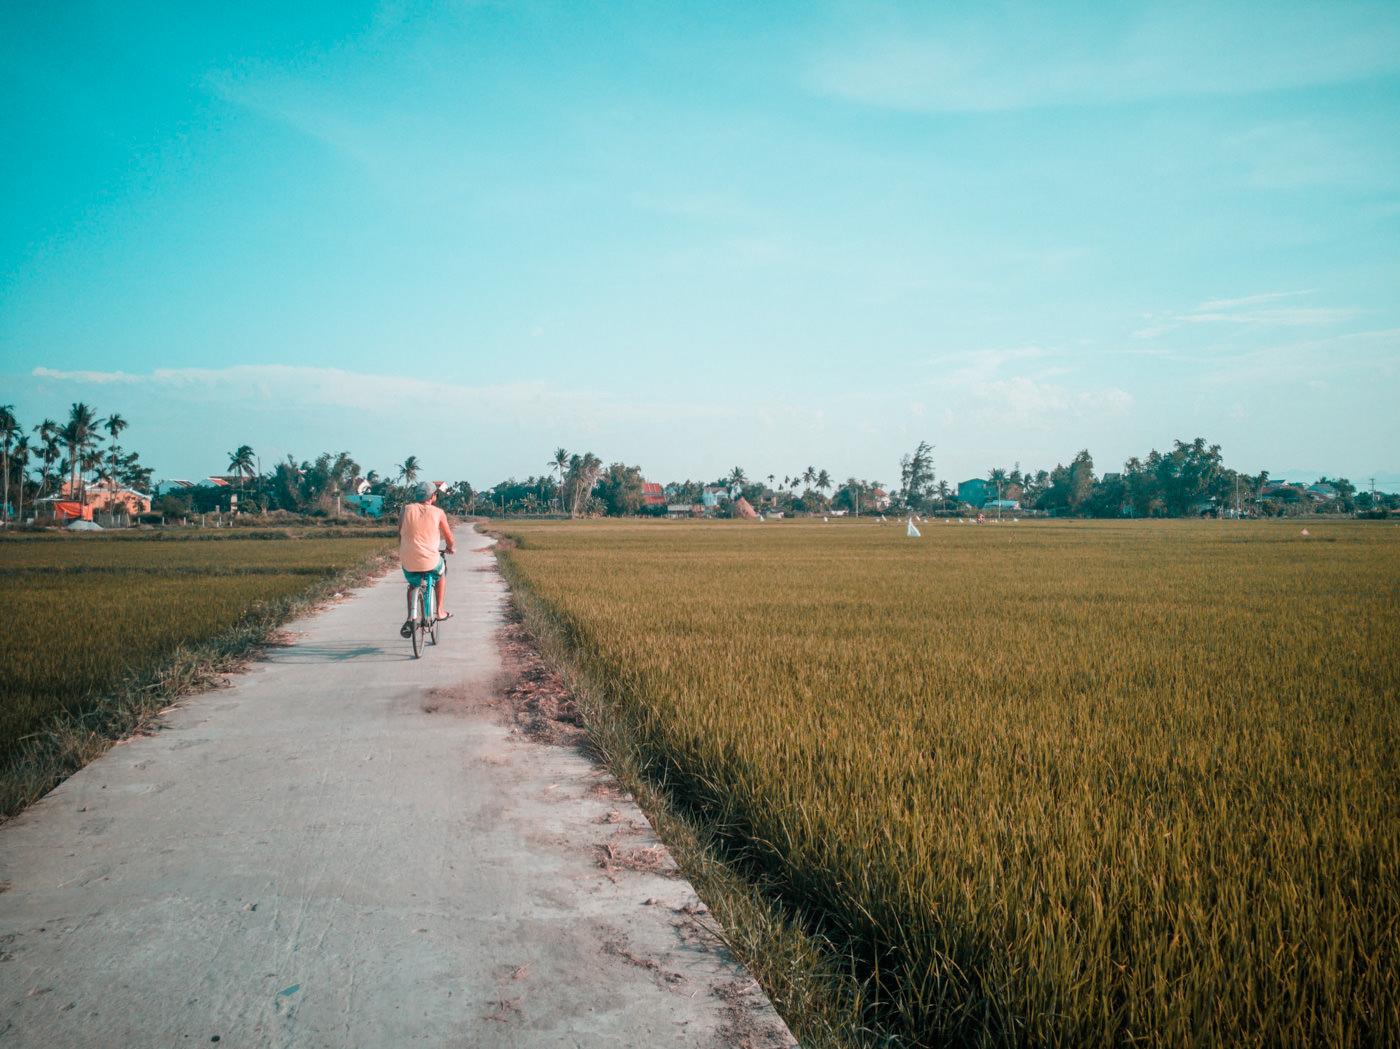 Matthias mit dem Rad in den Reisfeldern bei Hoi An